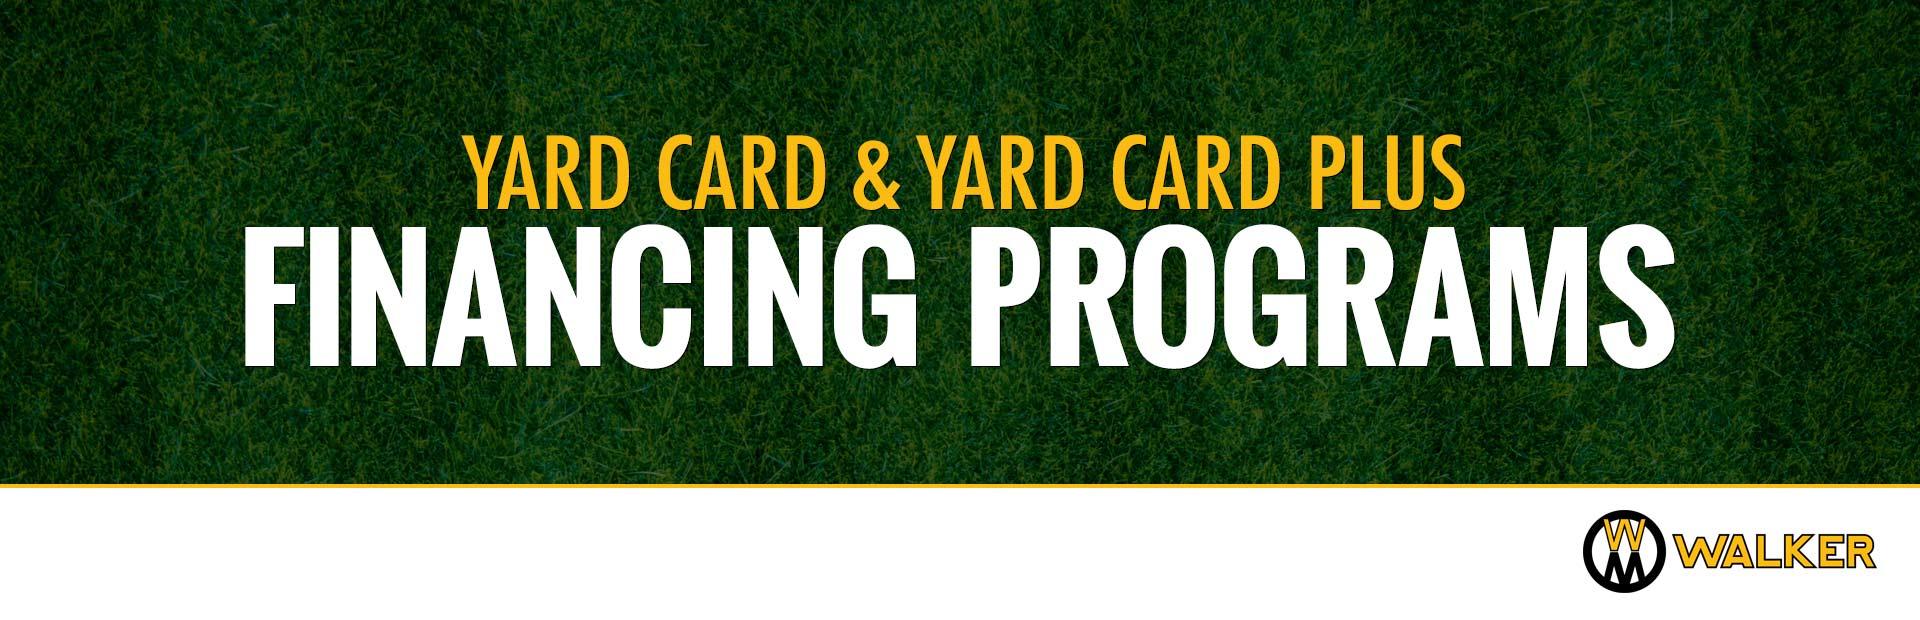 Walker Mowers: Yard Card And Yard Card PLUS Financing Programs